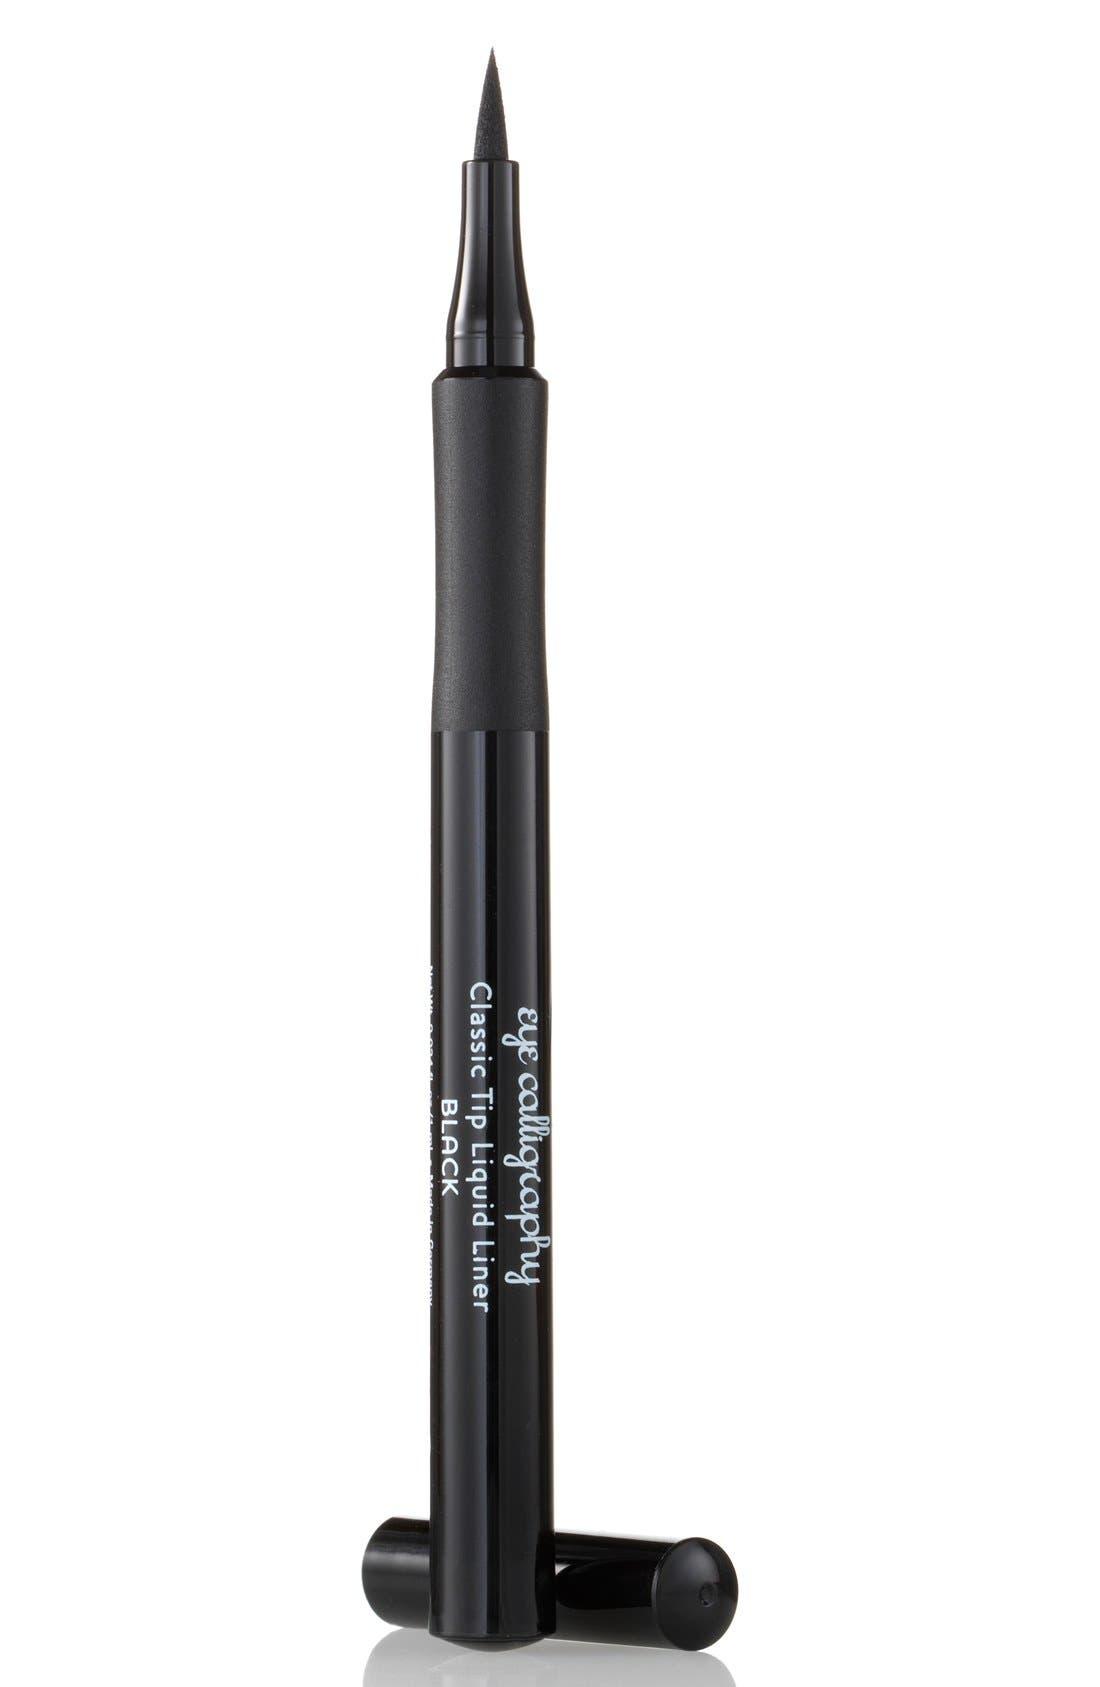 Laura Geller Beauty Eye Calligraphy Eyeliner Marker - Black